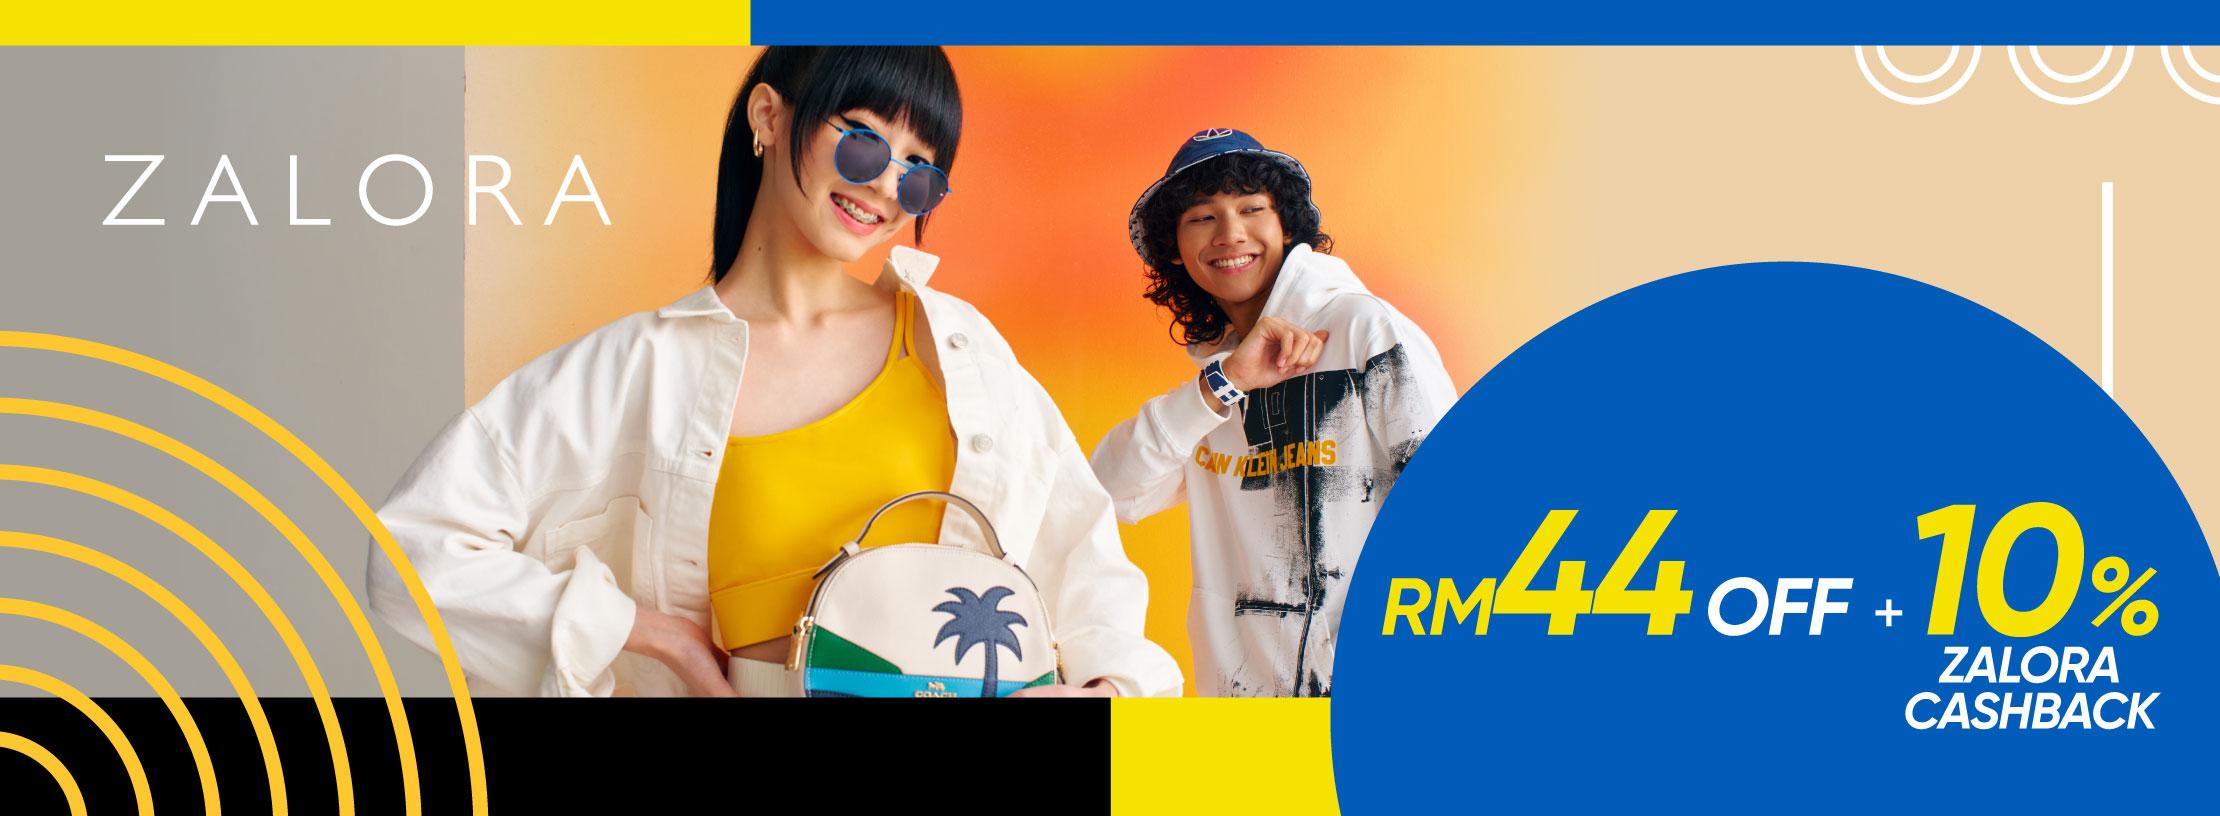 ZALORA: Get RM44Off + 10% ZALORA Cashback